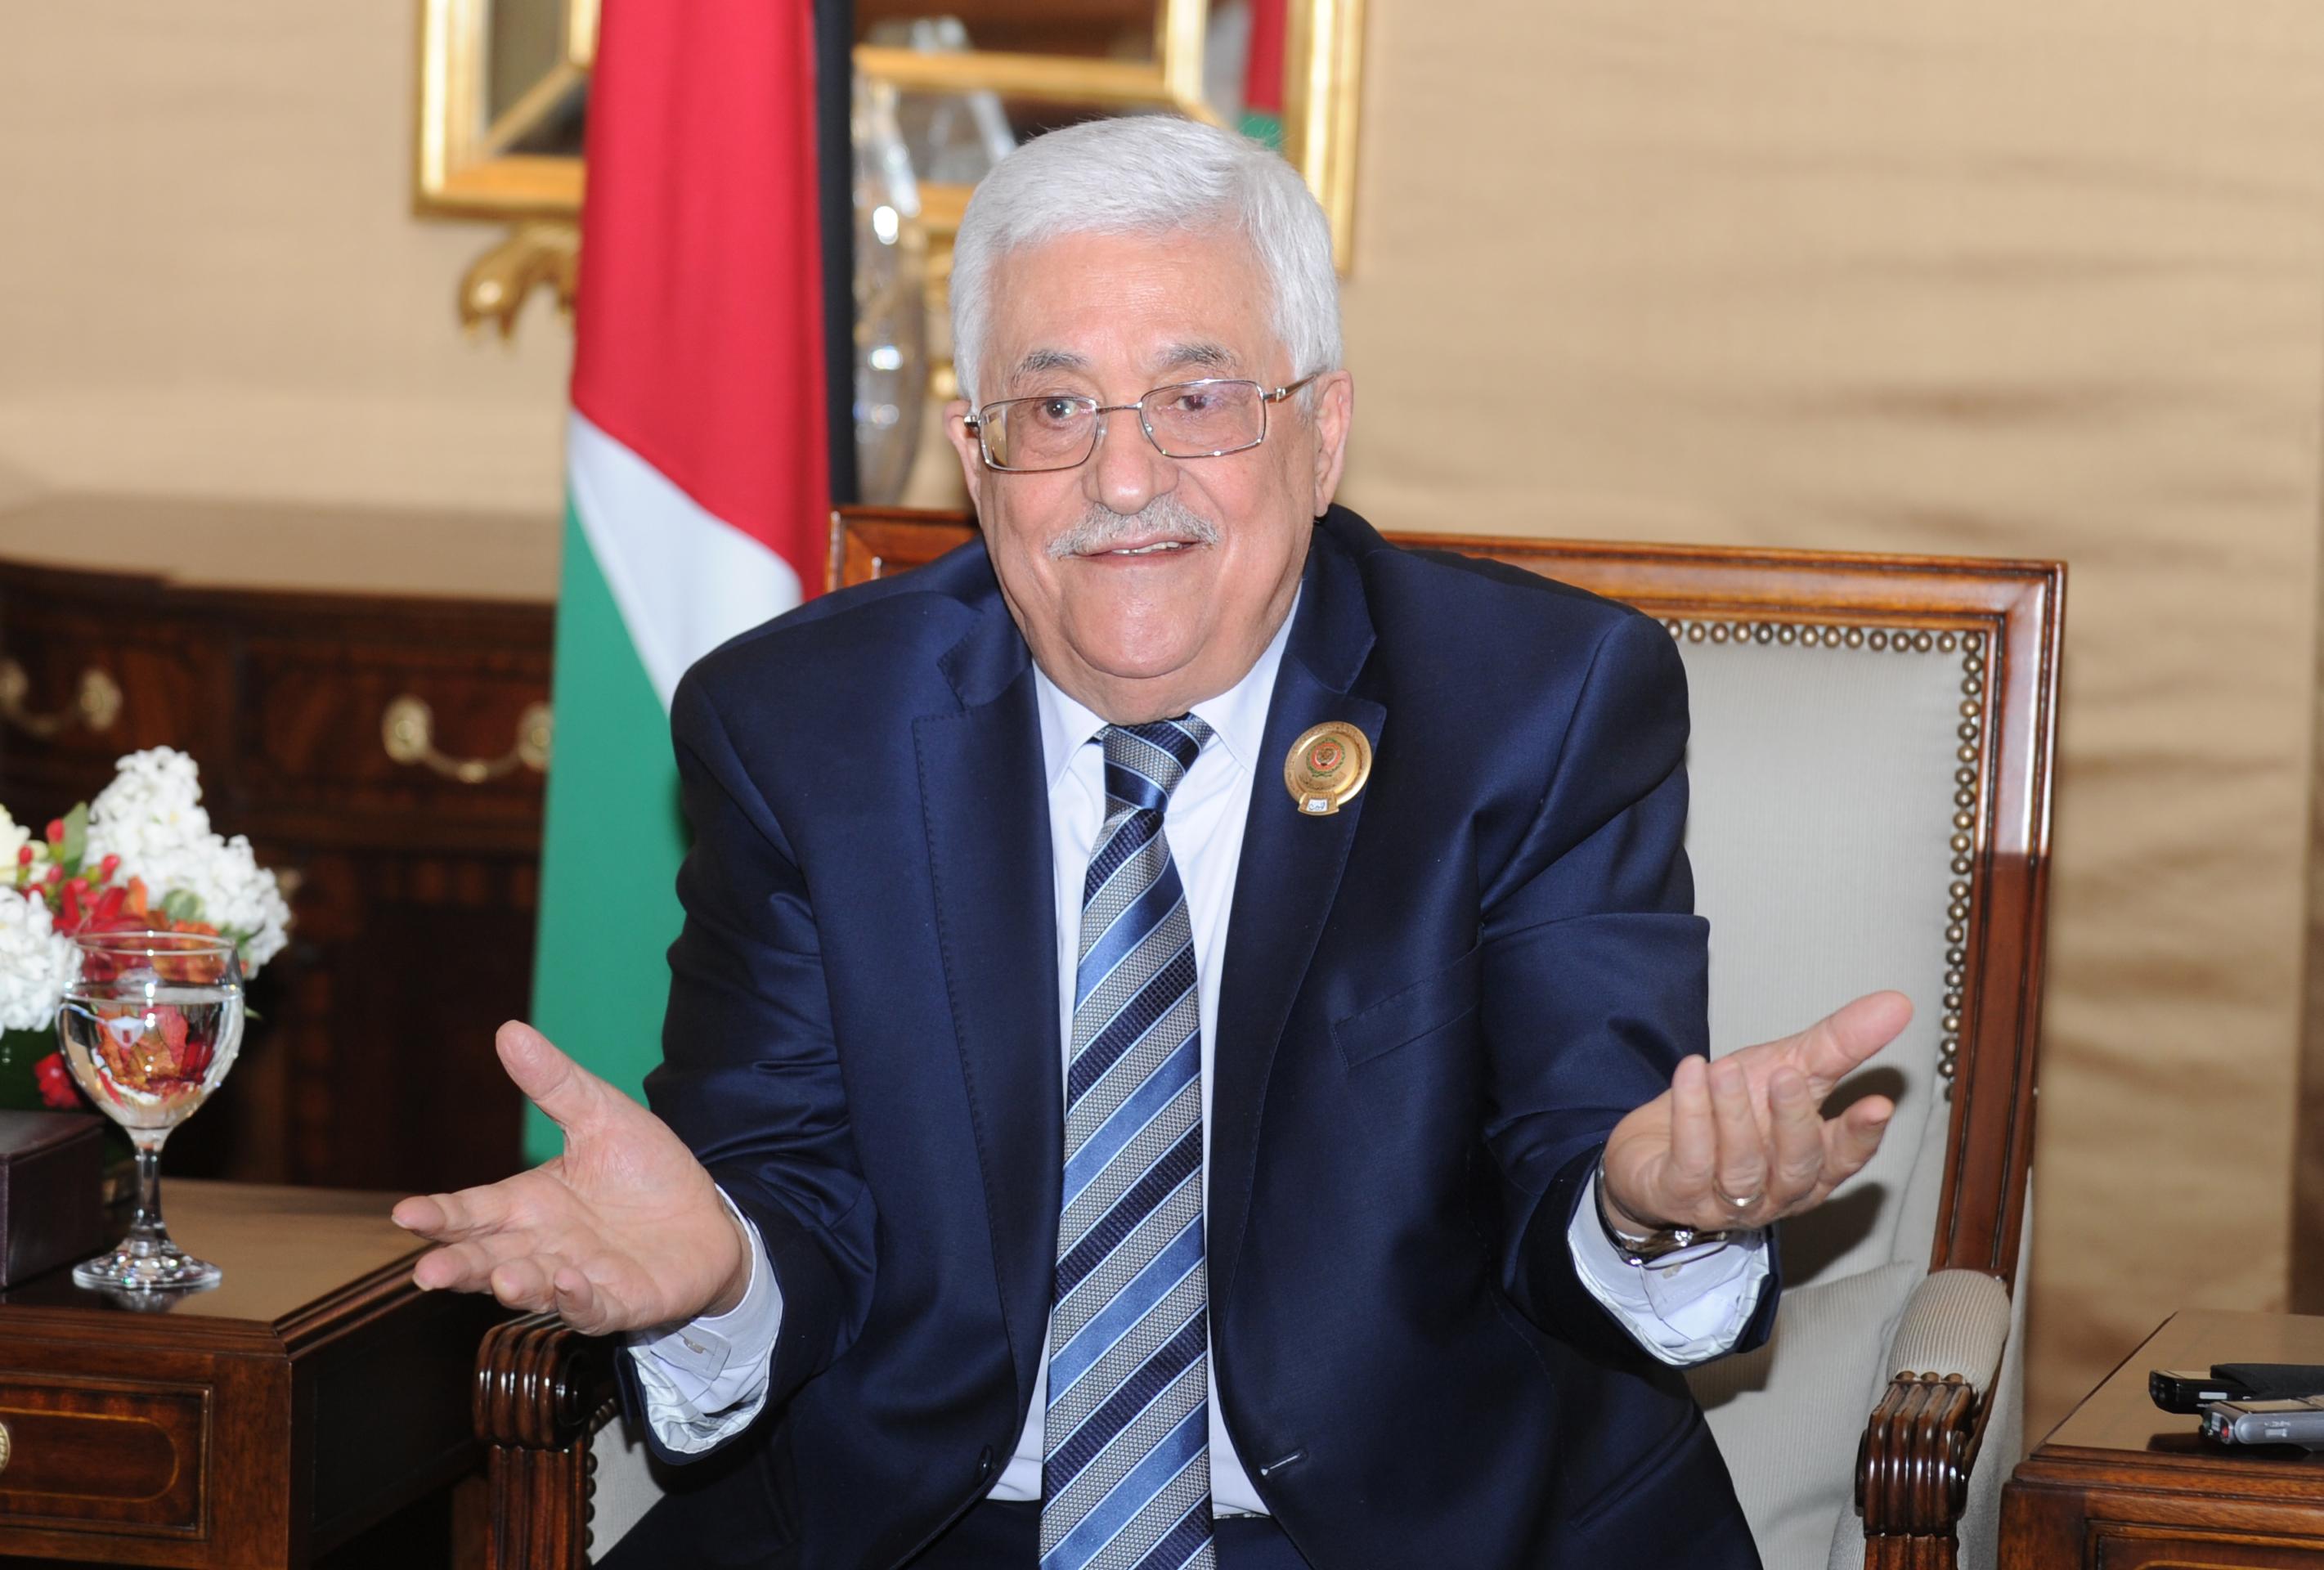 صورة محمود عباس يؤكد أن بناءه لقصر فخم جاء تأكيداً على استقلال فلسطين